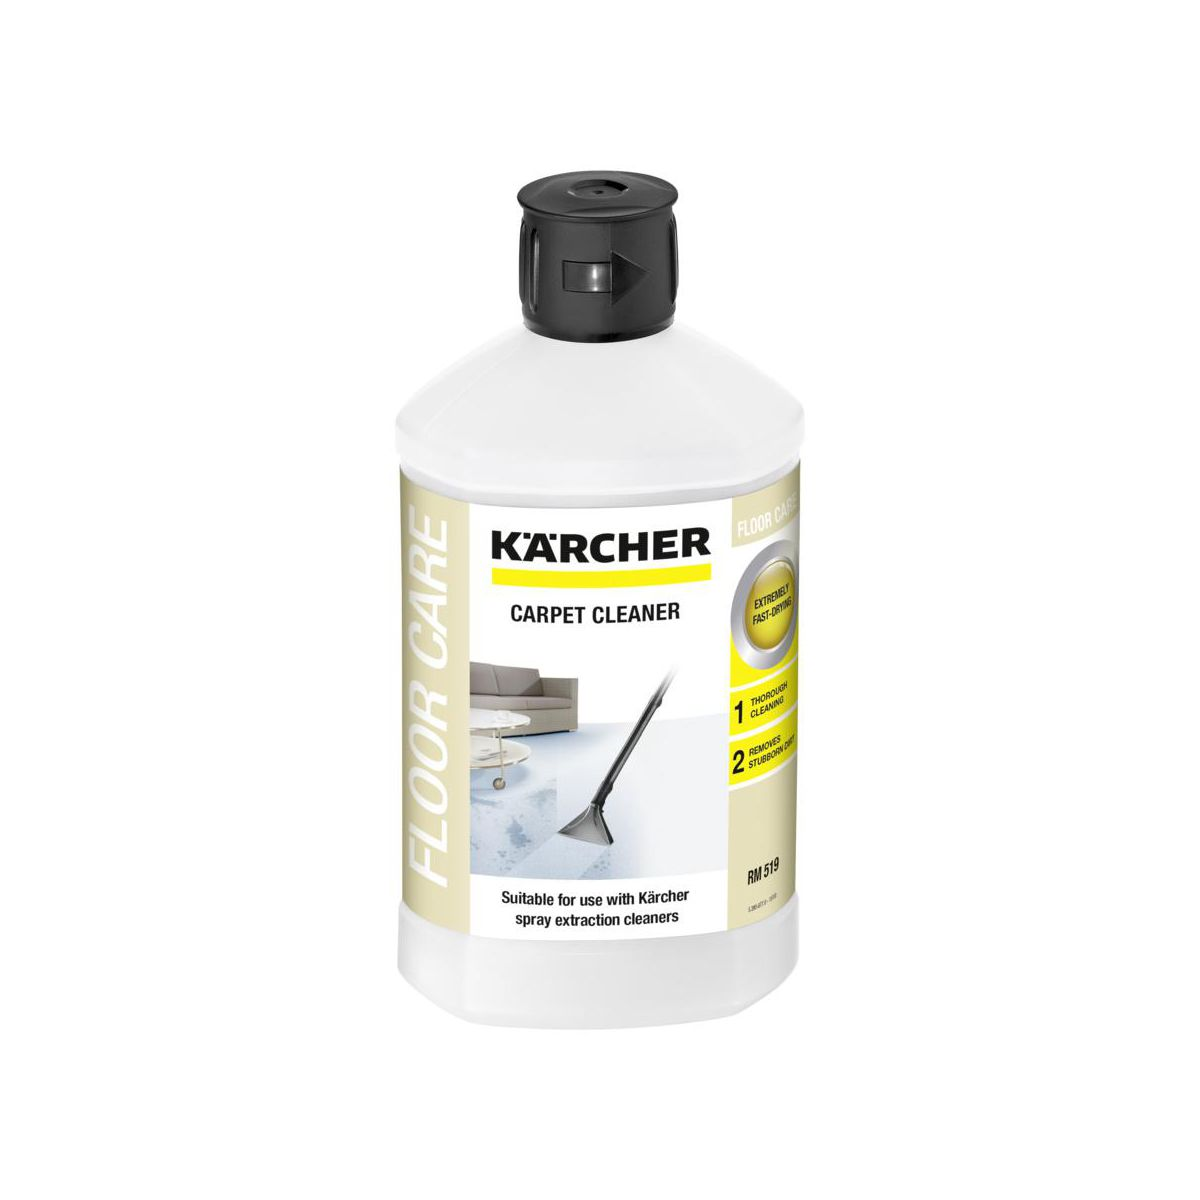 Detergent Rm 519 Karcher Akcesoria Do Odkurzaczy W Atrakcyjnej Cenie W Sklepach Leroy Merlin